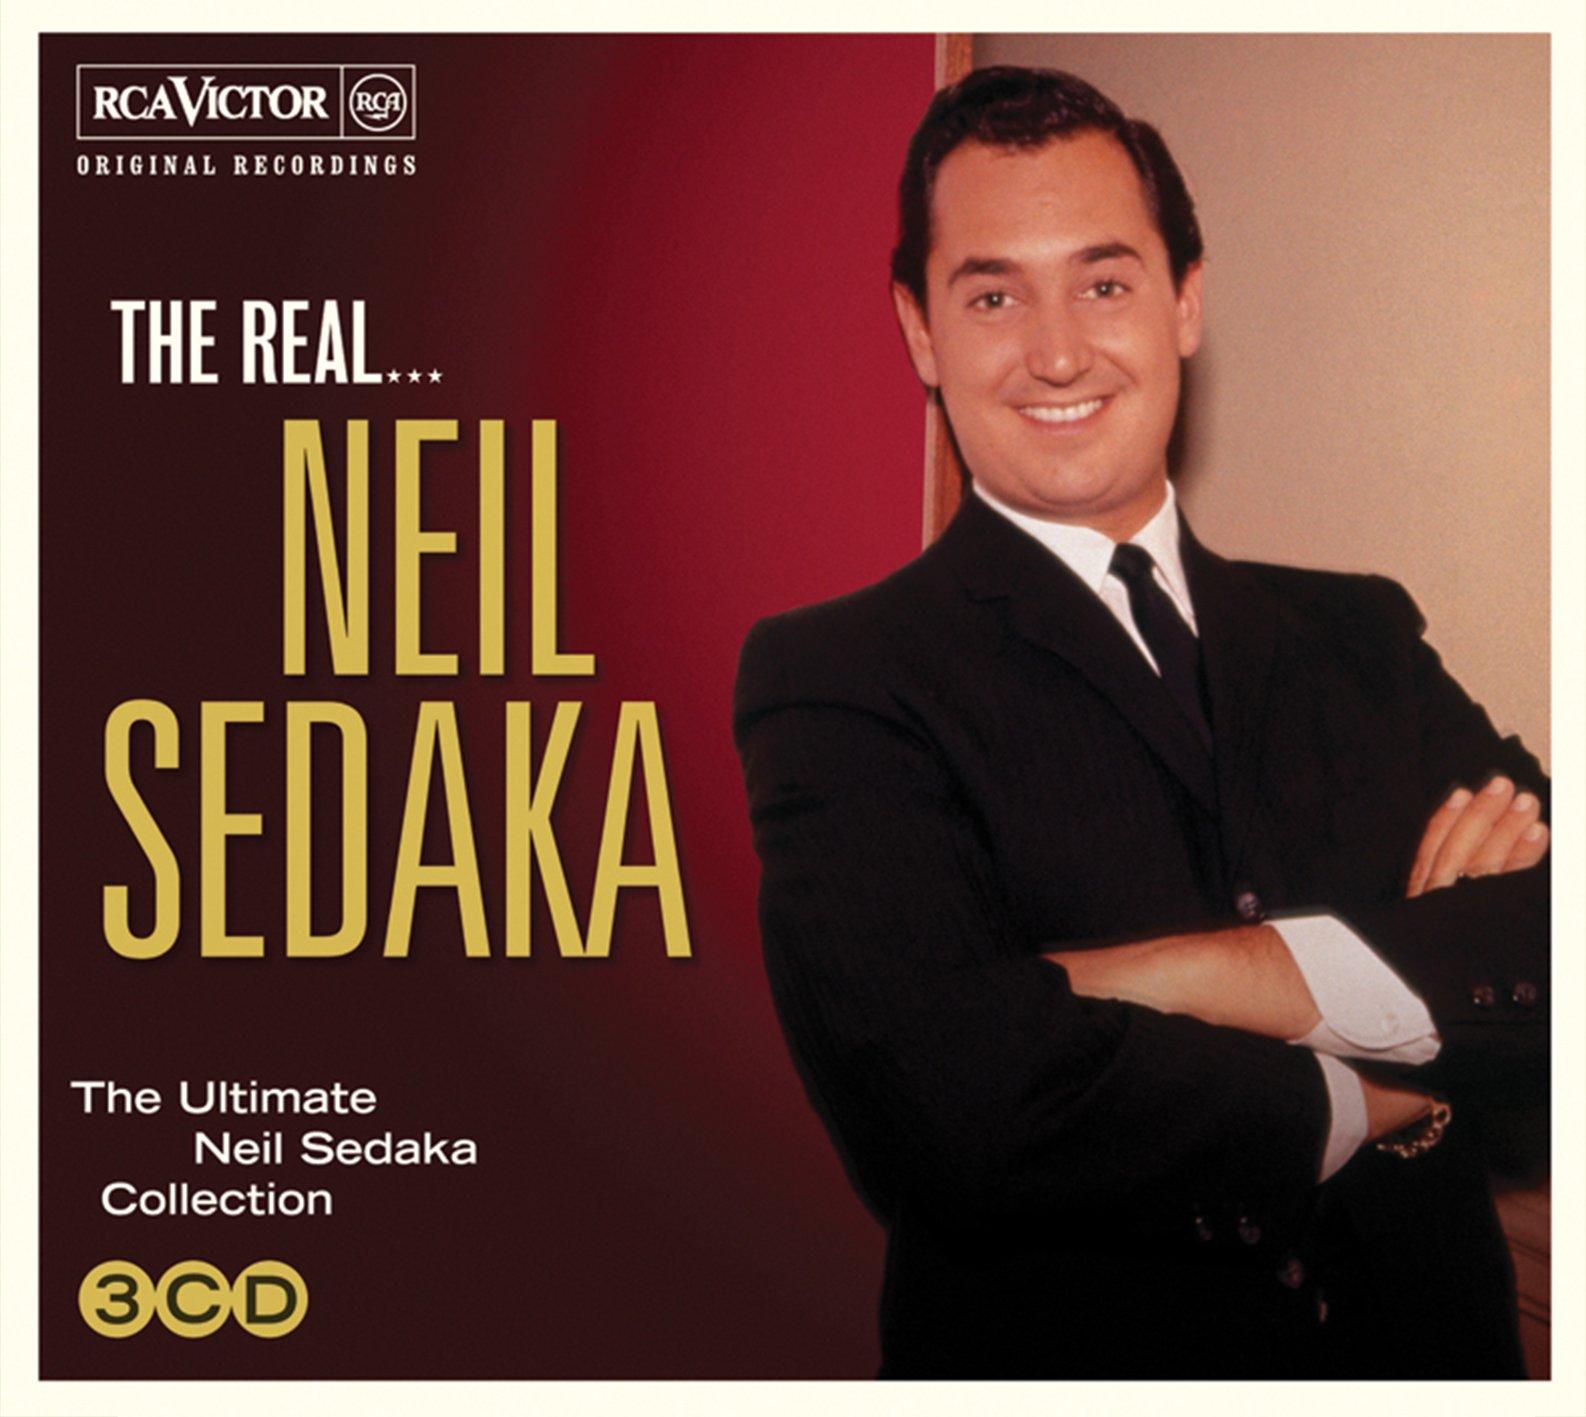 NEIL SEDAKA - THE REAL... (3 CD) (CD)